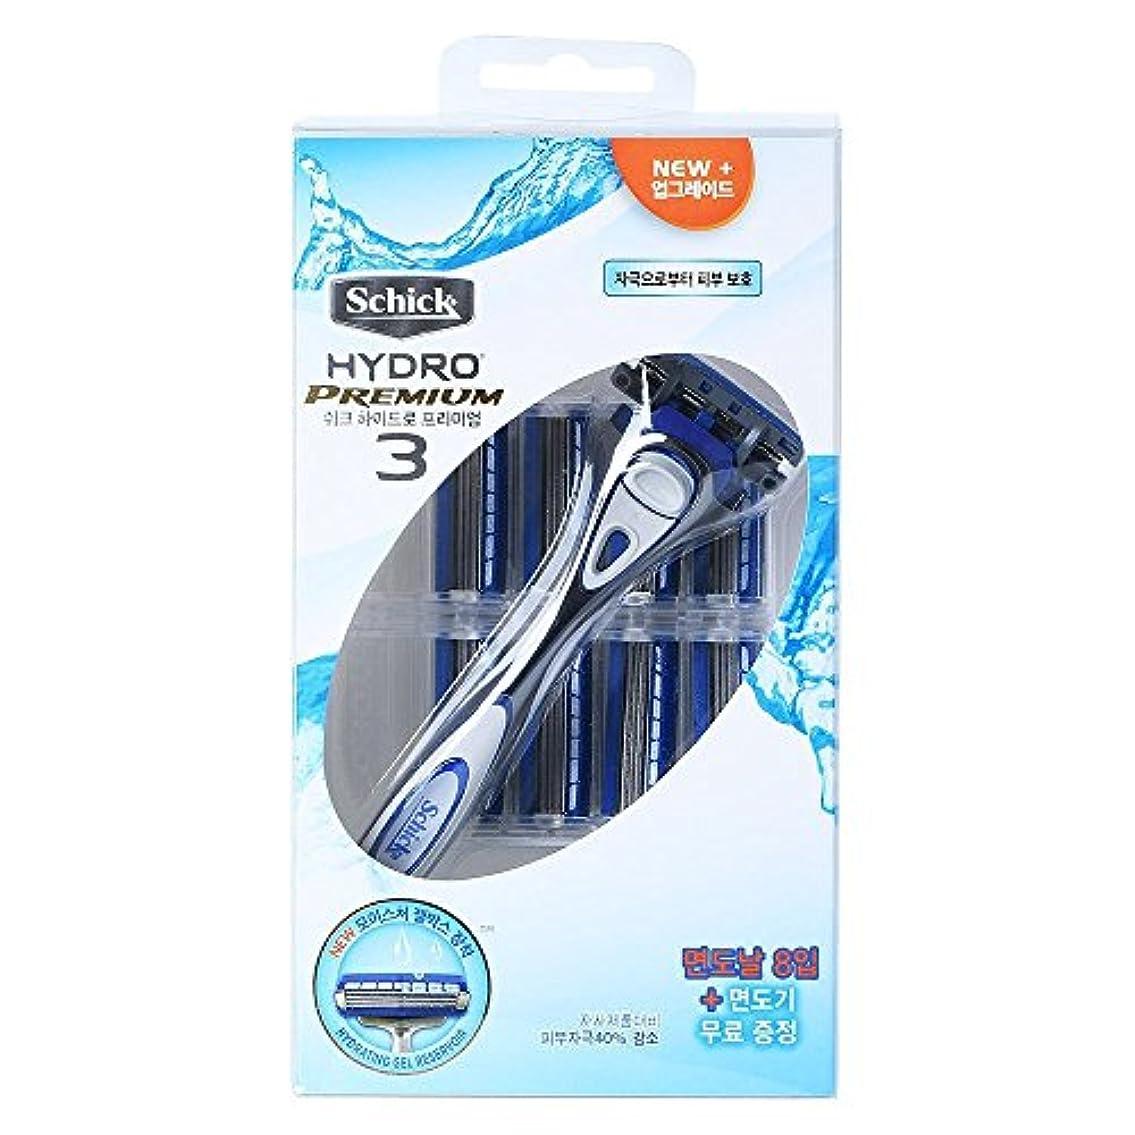 活気づく代名詞ながらSchick HYDRO 3 Premium Shaving 1つの剃刀と9つのカートリッジリフィル [並行輸入品]